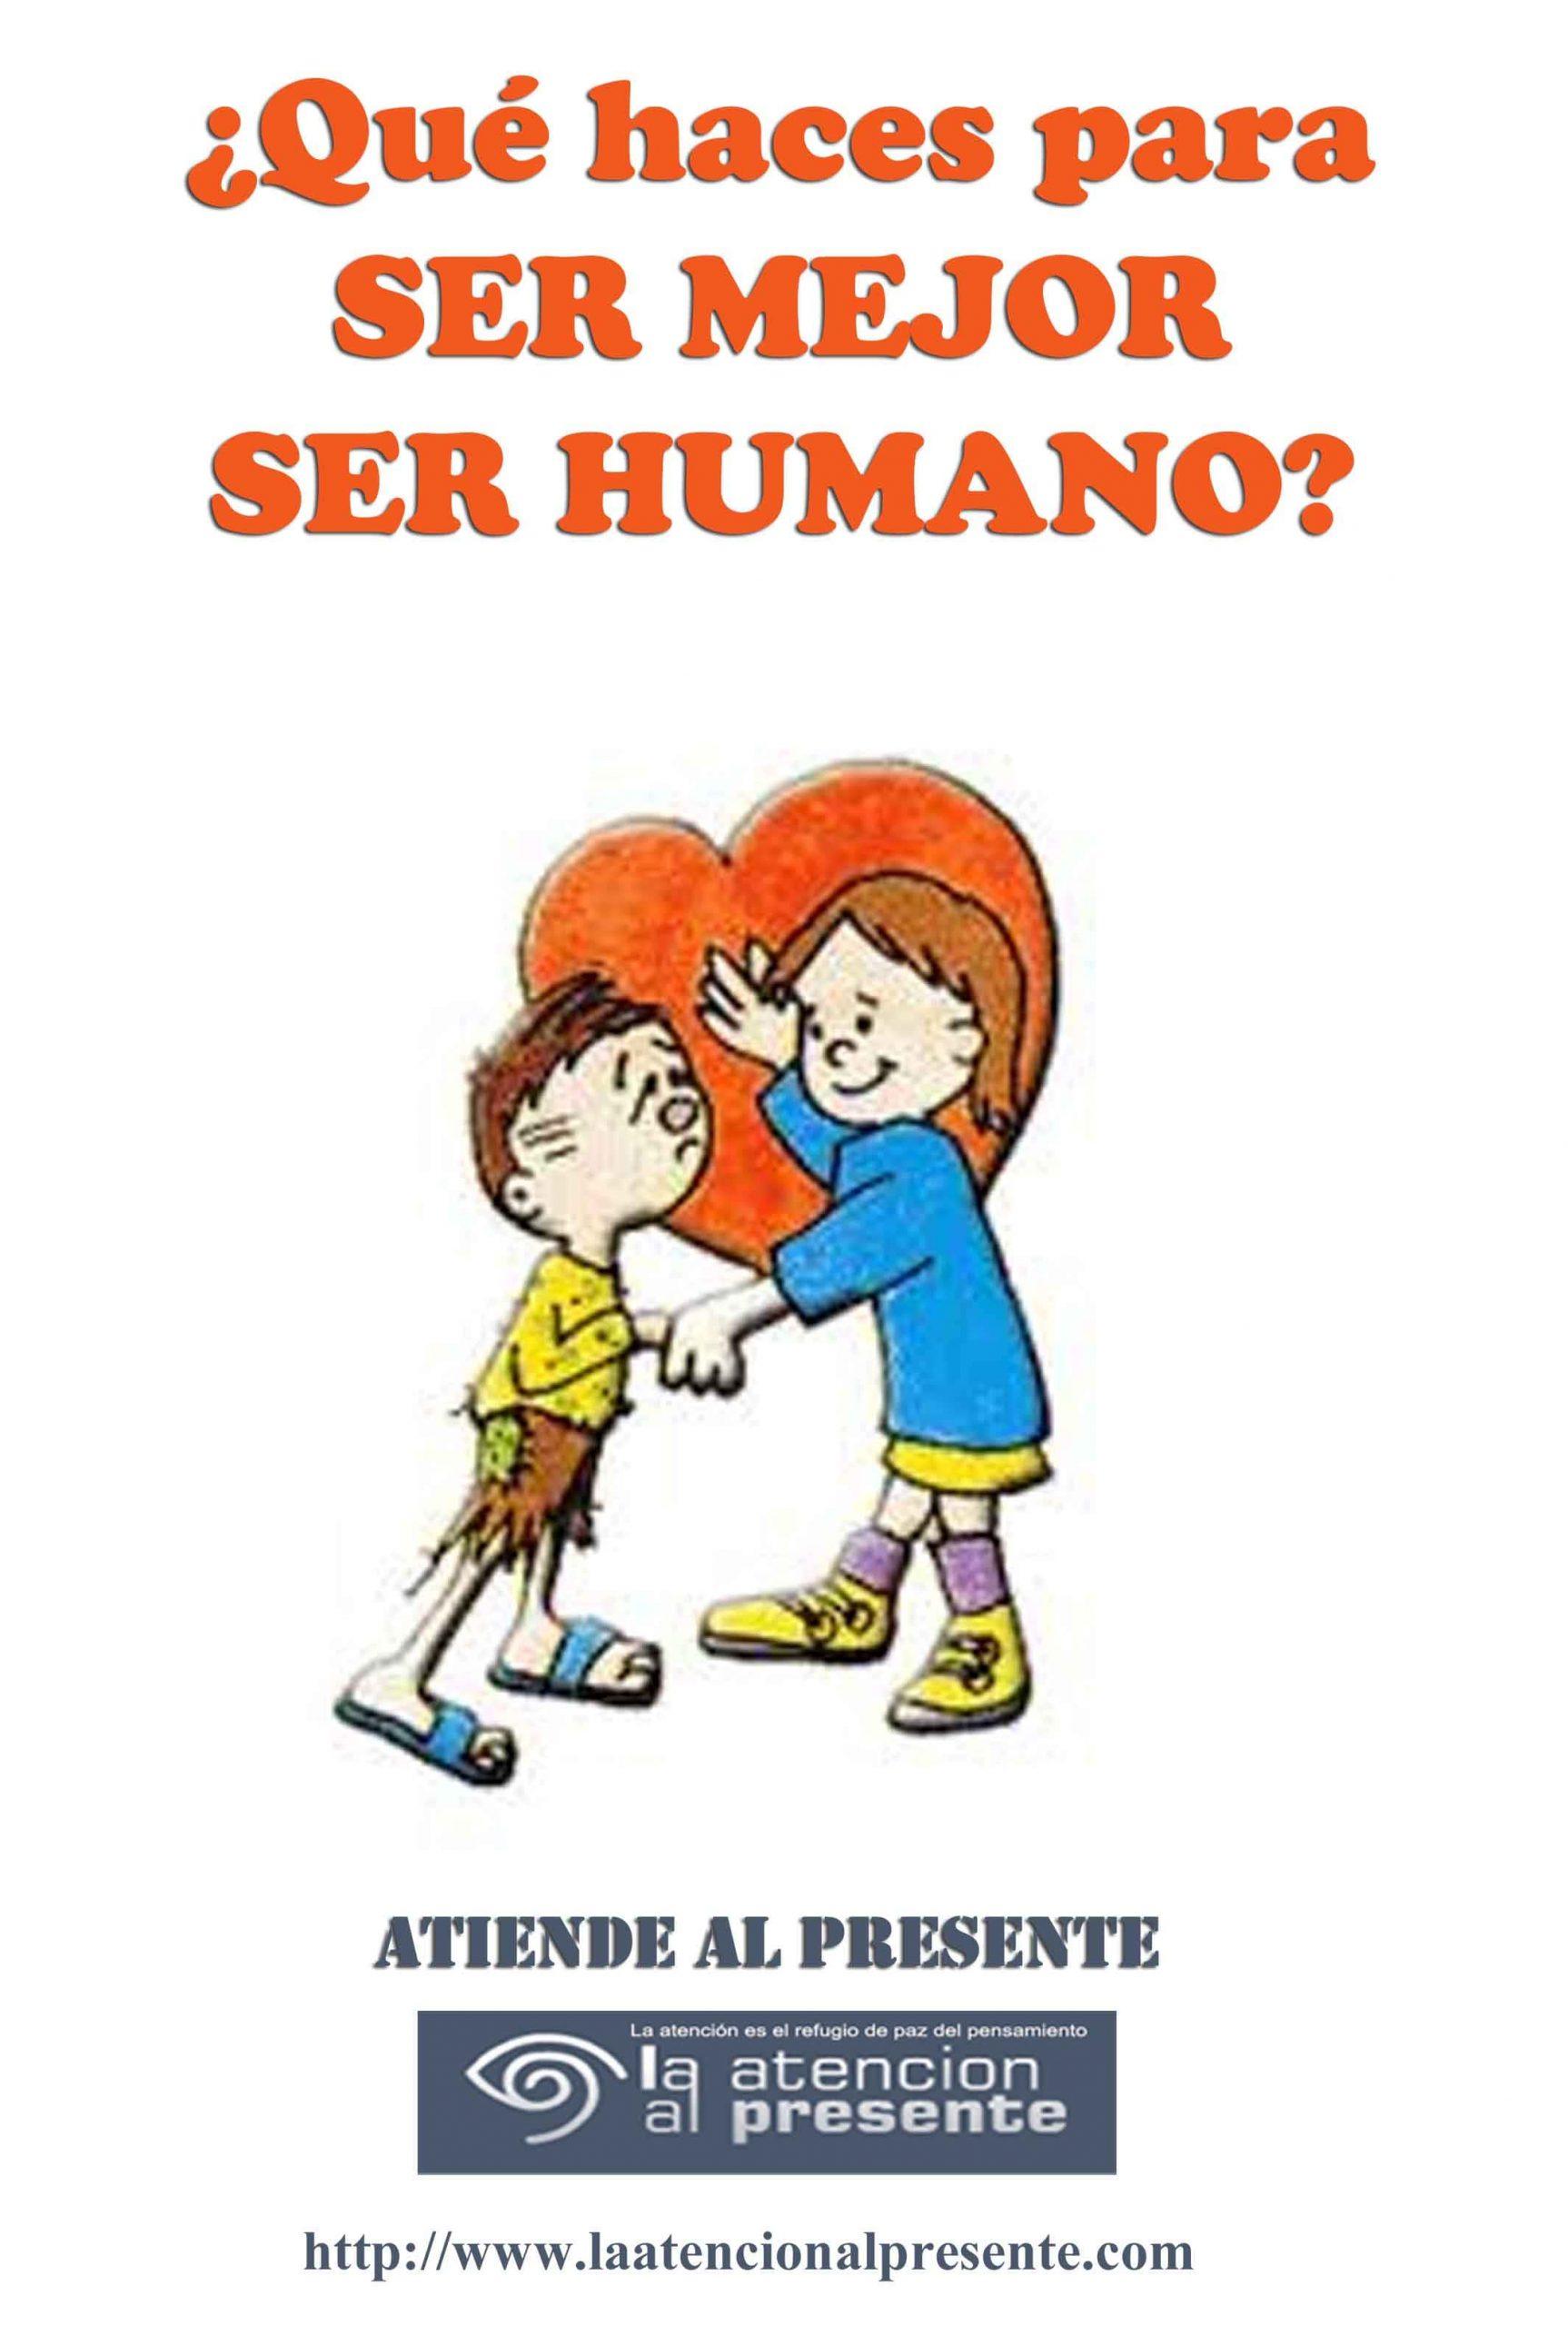 9 de junio Esteban Qué haces para SER MEJOR SER HUMANO min scaled